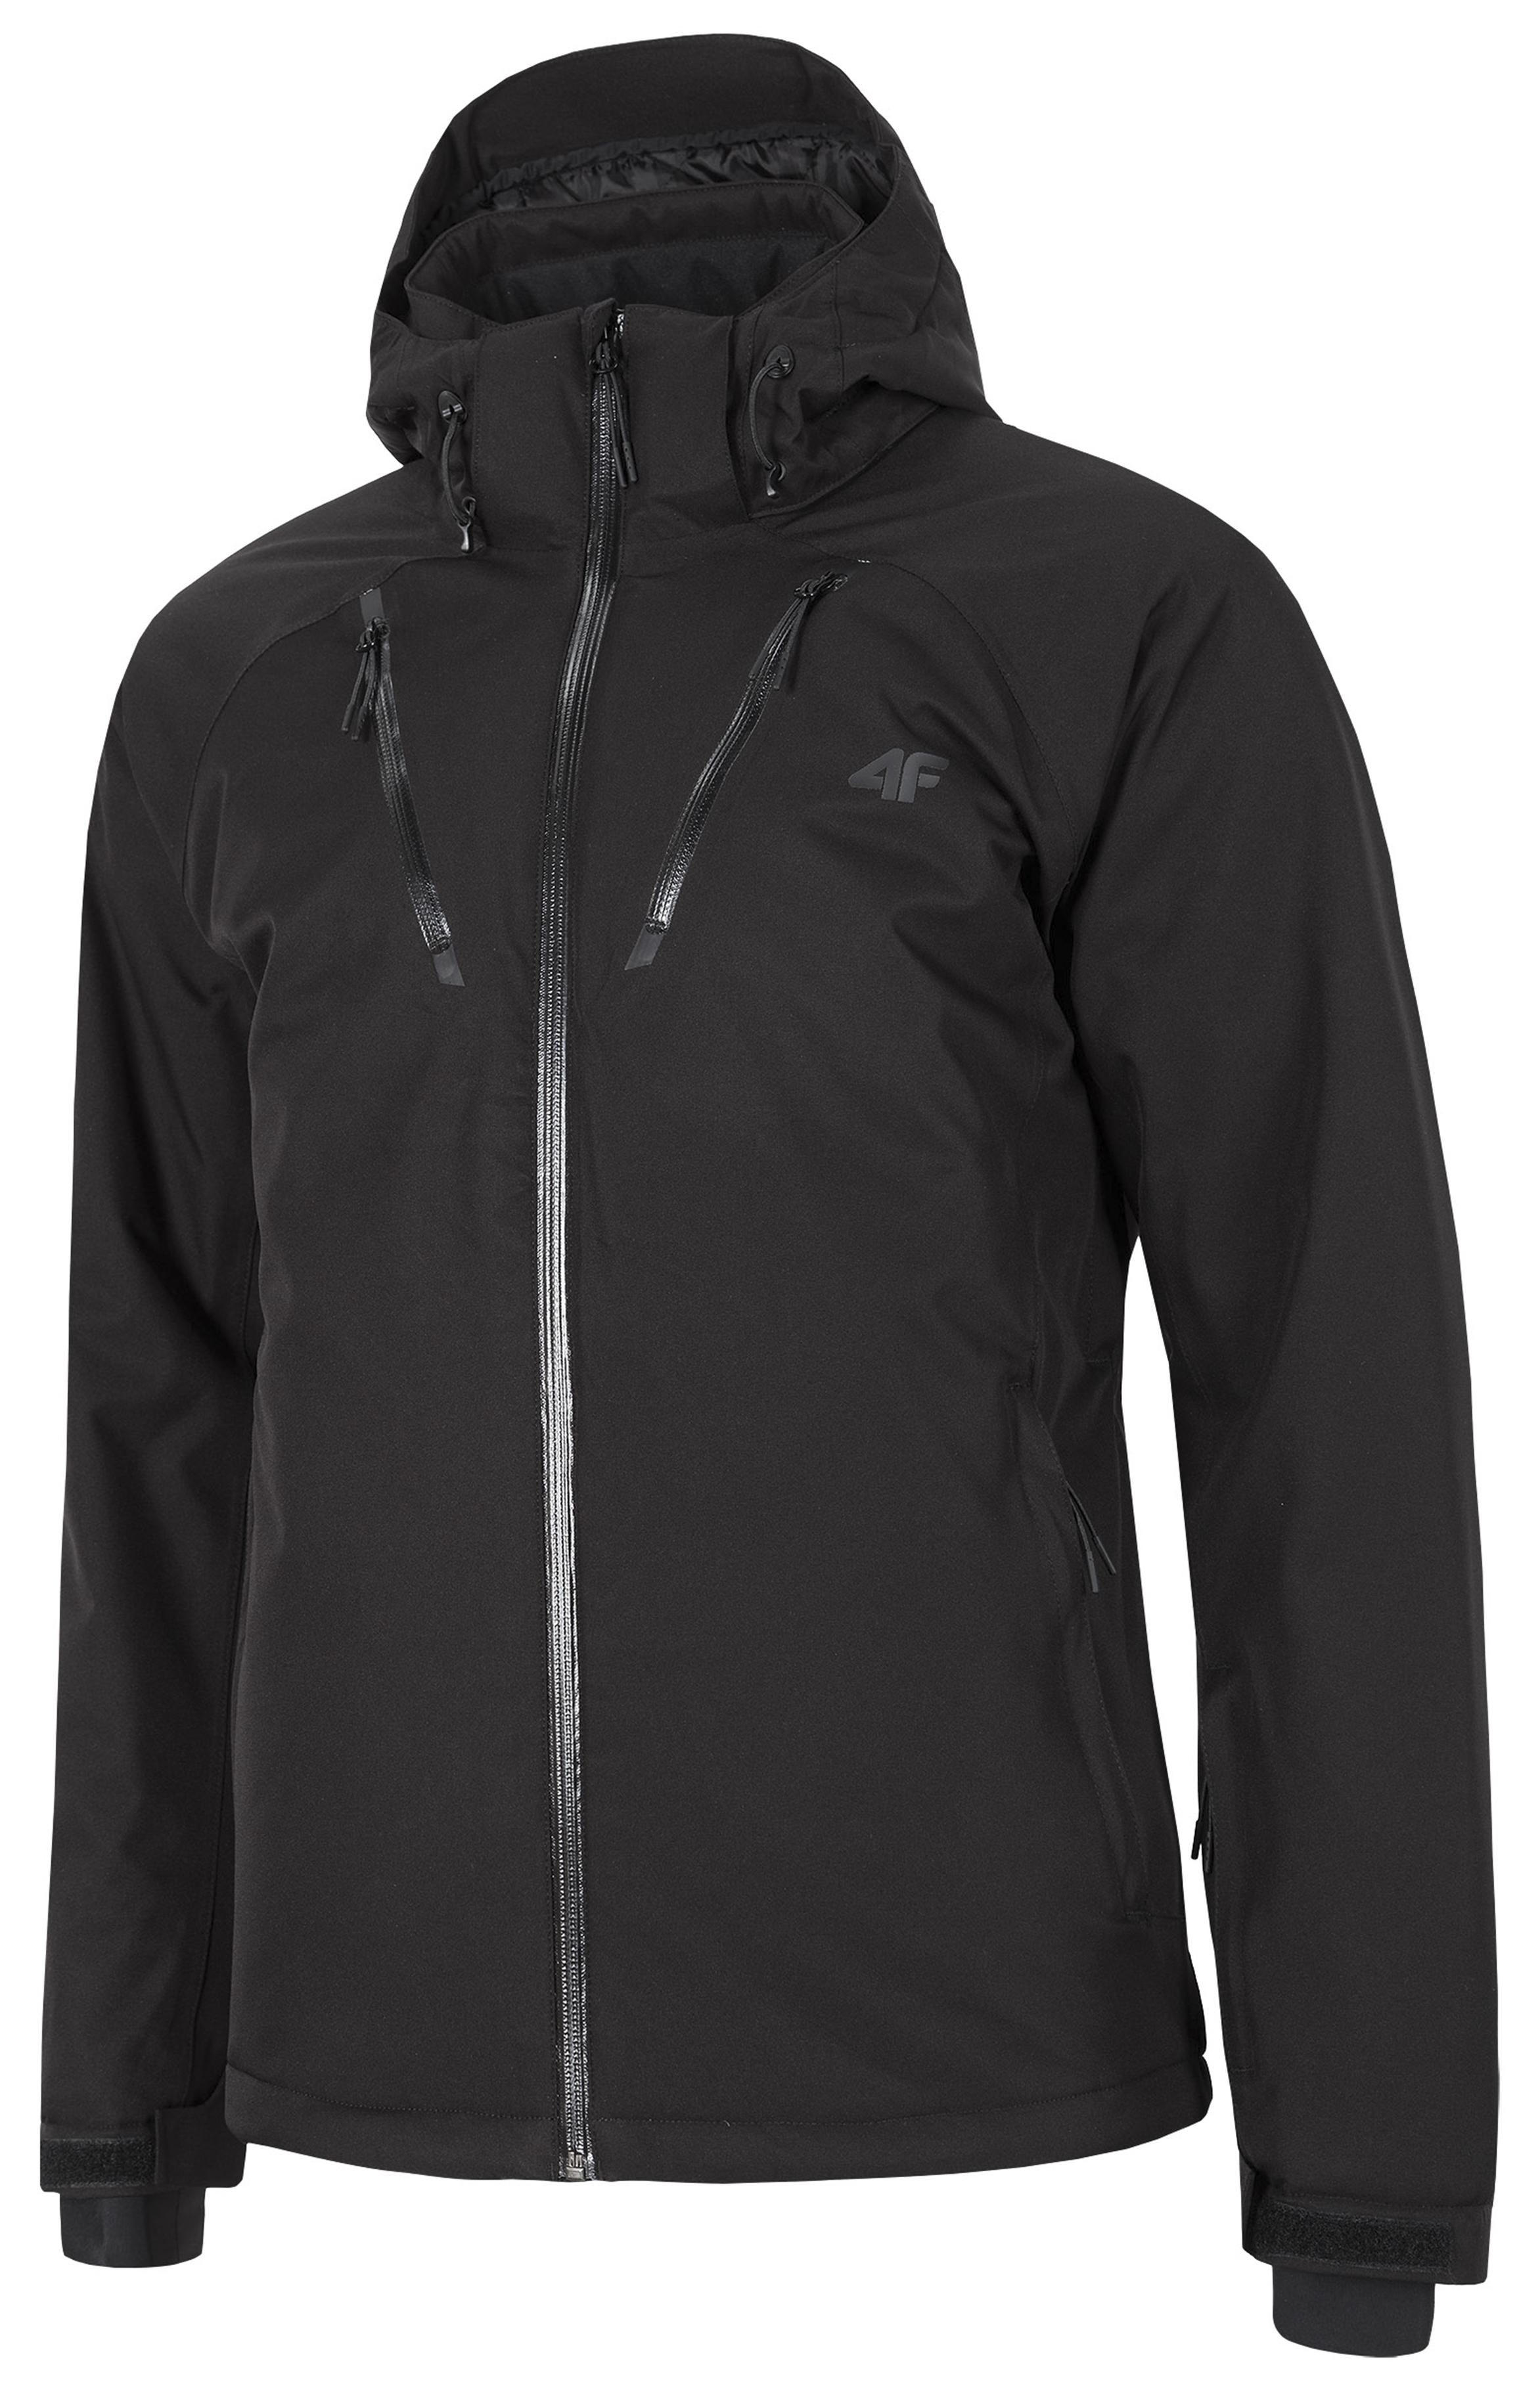 ביגוד פור אף לגברים 4F waterproof ski jacket - שחור